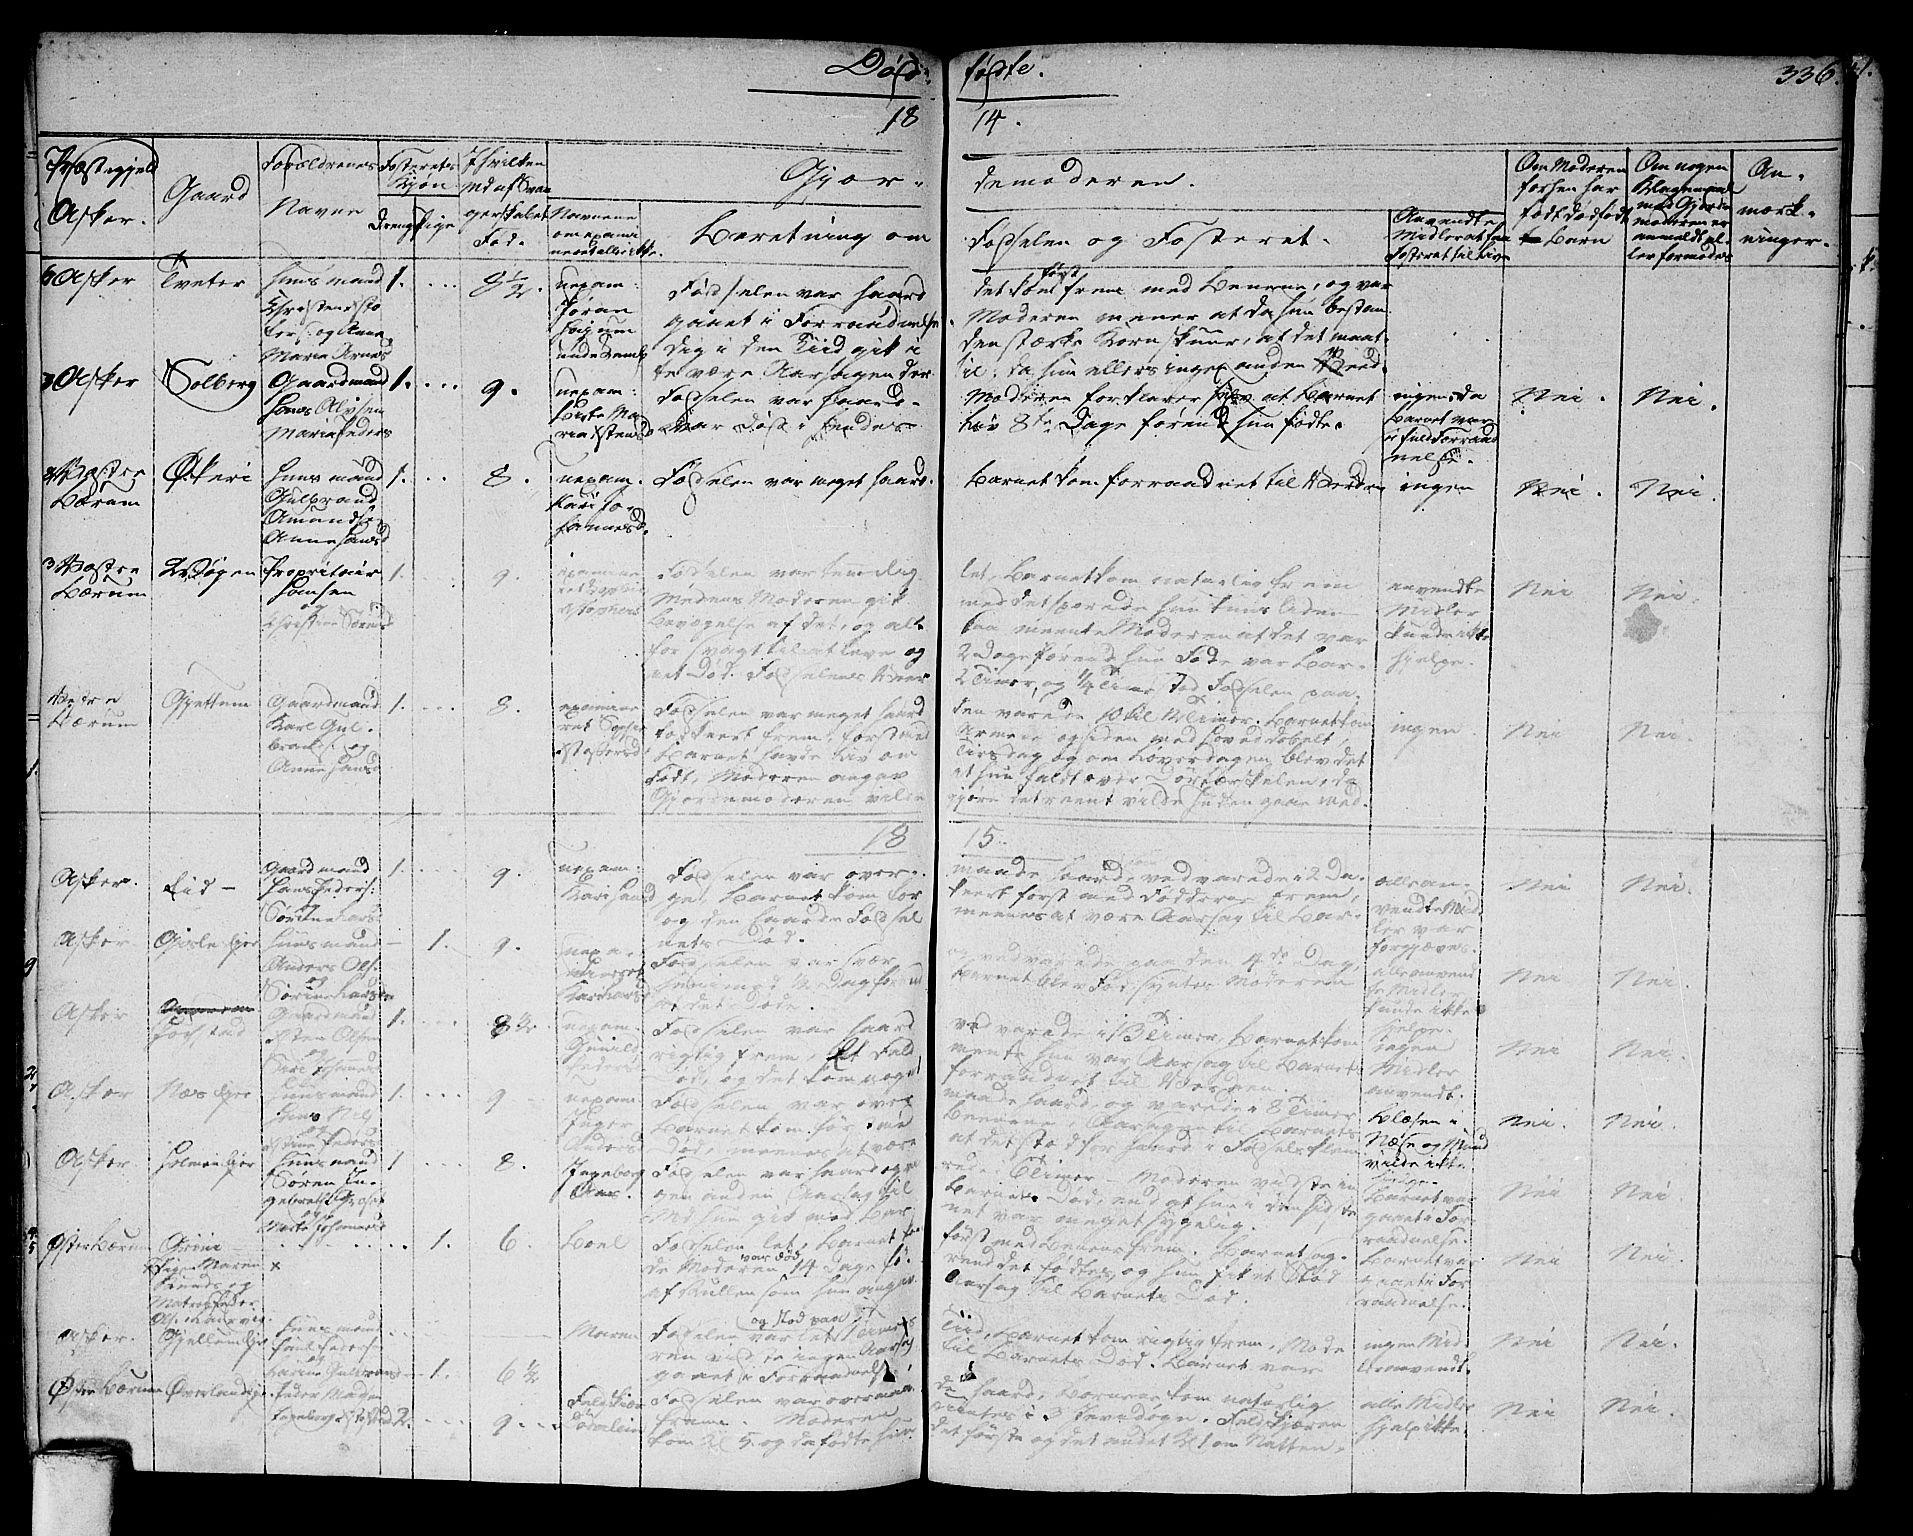 SAO, Asker prestekontor Kirkebøker, F/Fa/L0005: Ministerialbok nr. I 5, 1807-1813, s. 336